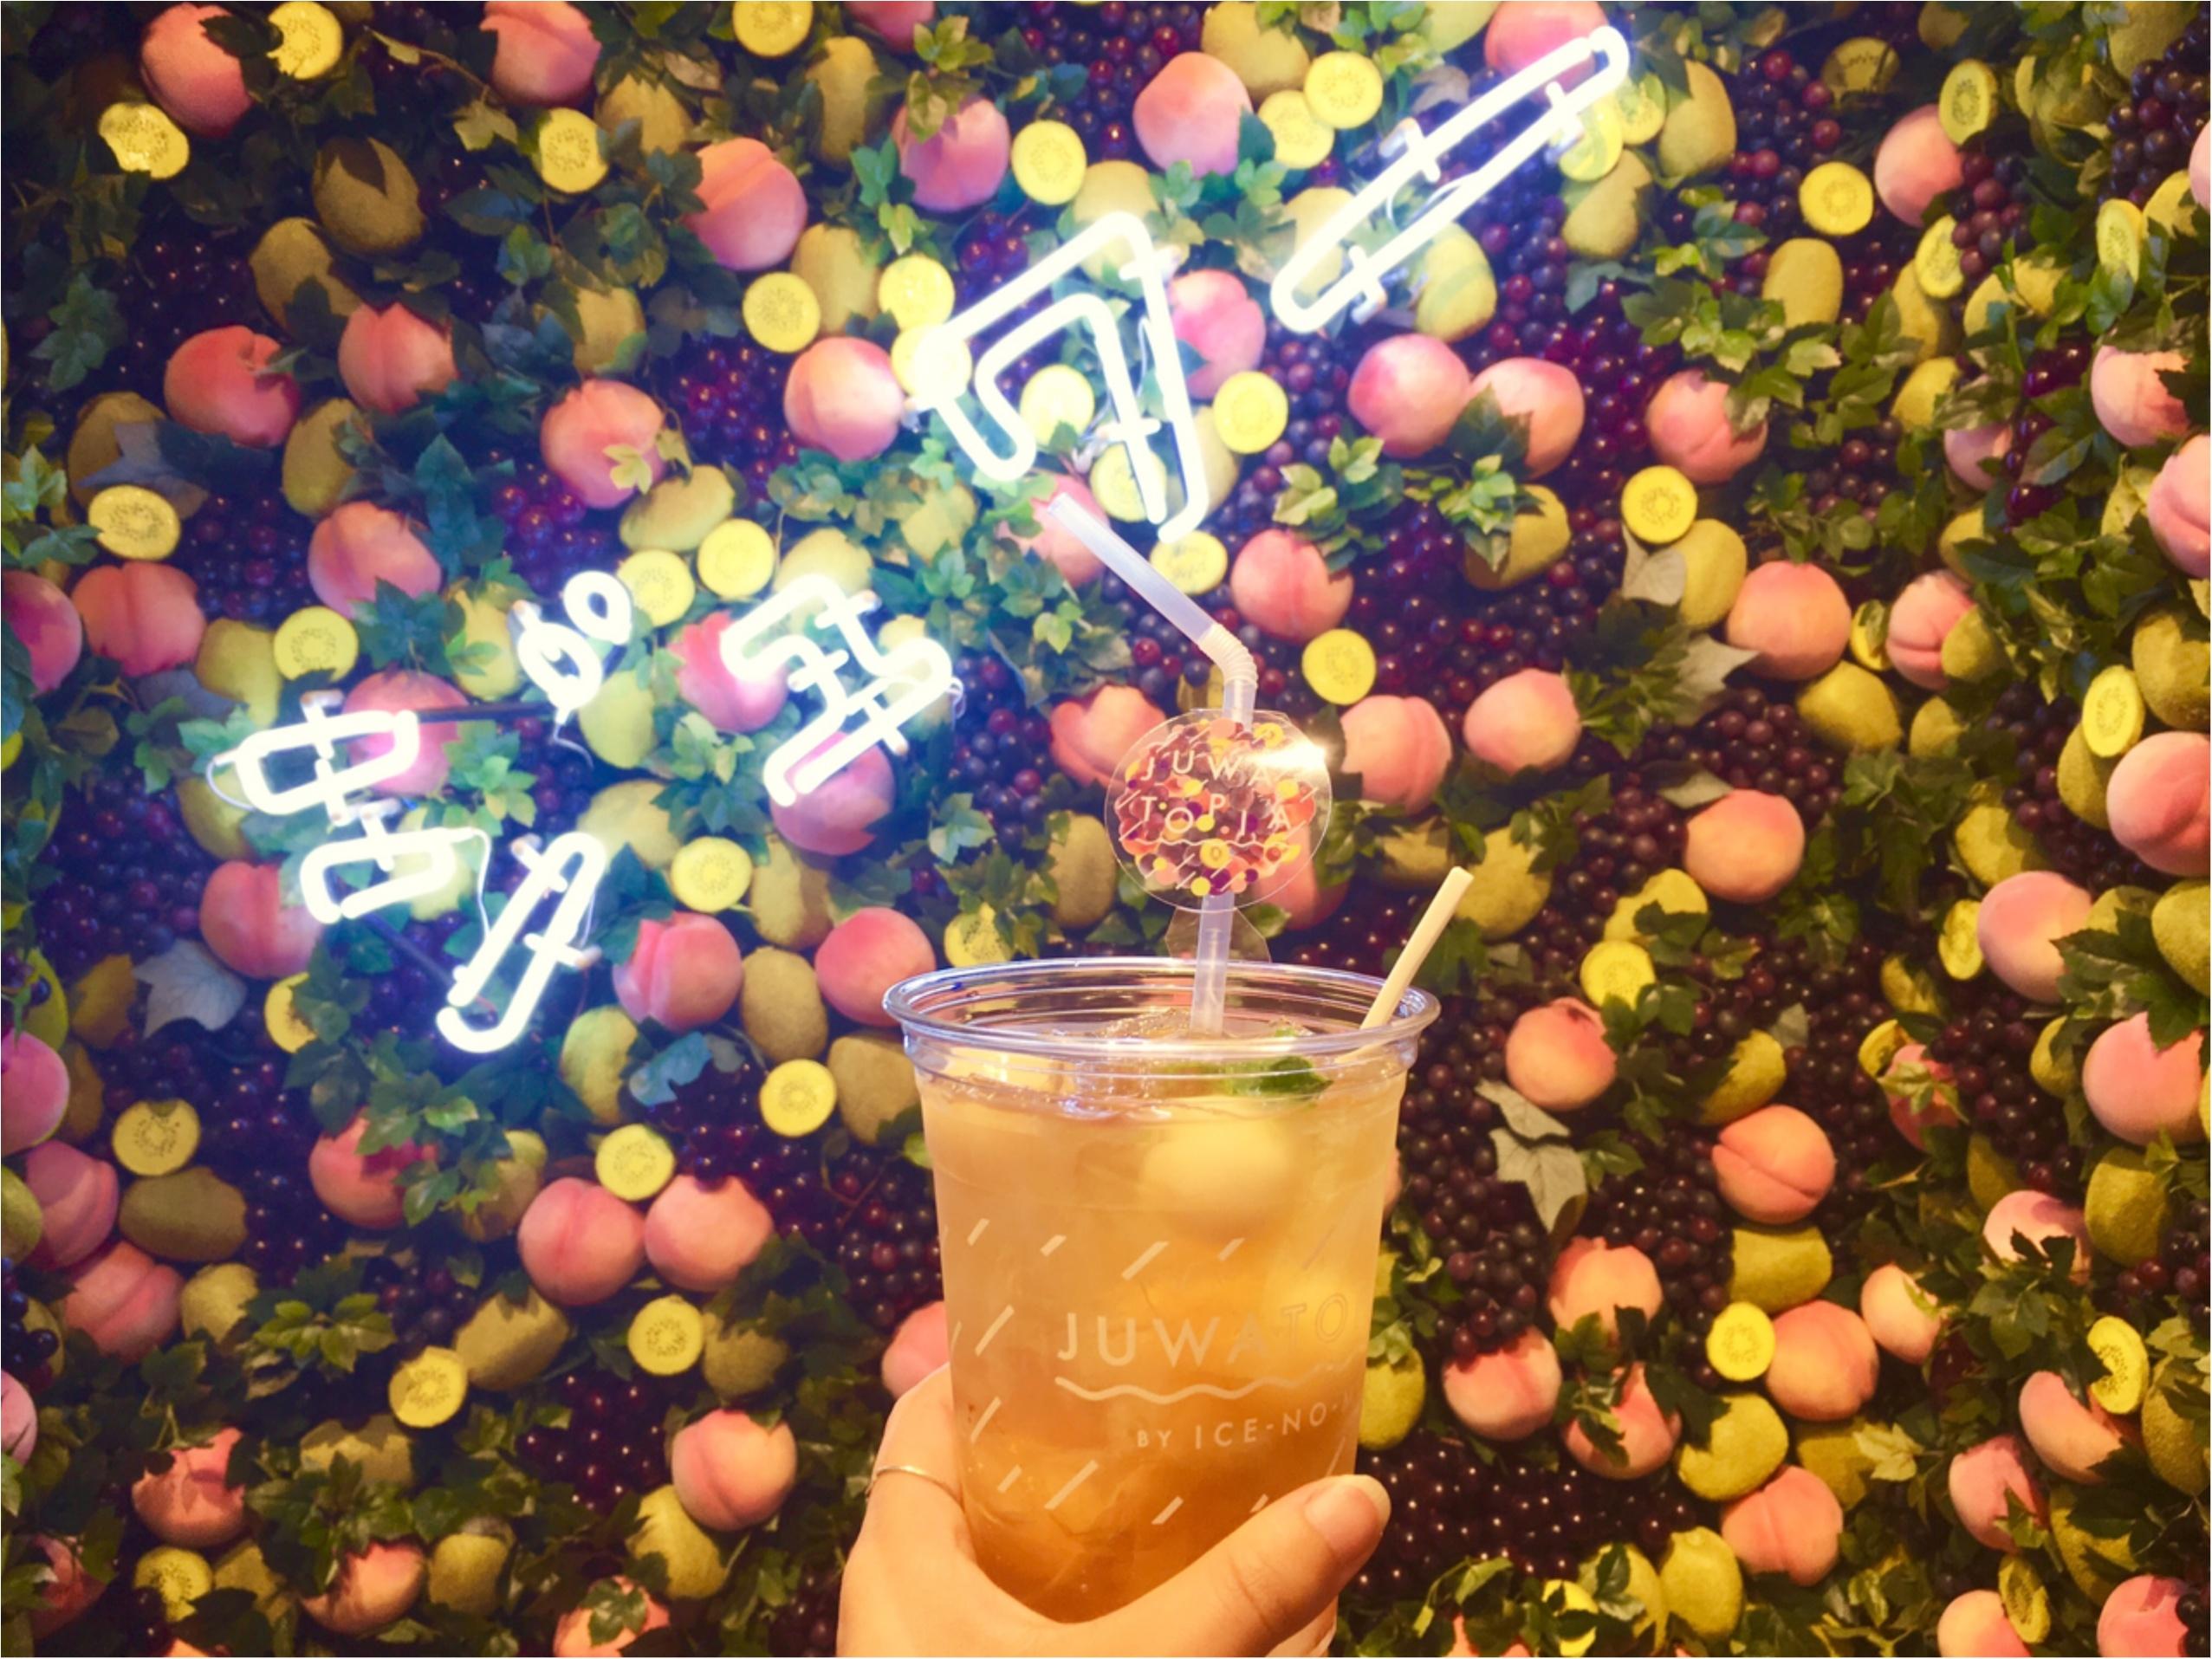 《7/1まで!》『アイスの実』のジューススタンドが渋谷モディにオープン♡オリジナルドリンクをつくろう☺︎_3